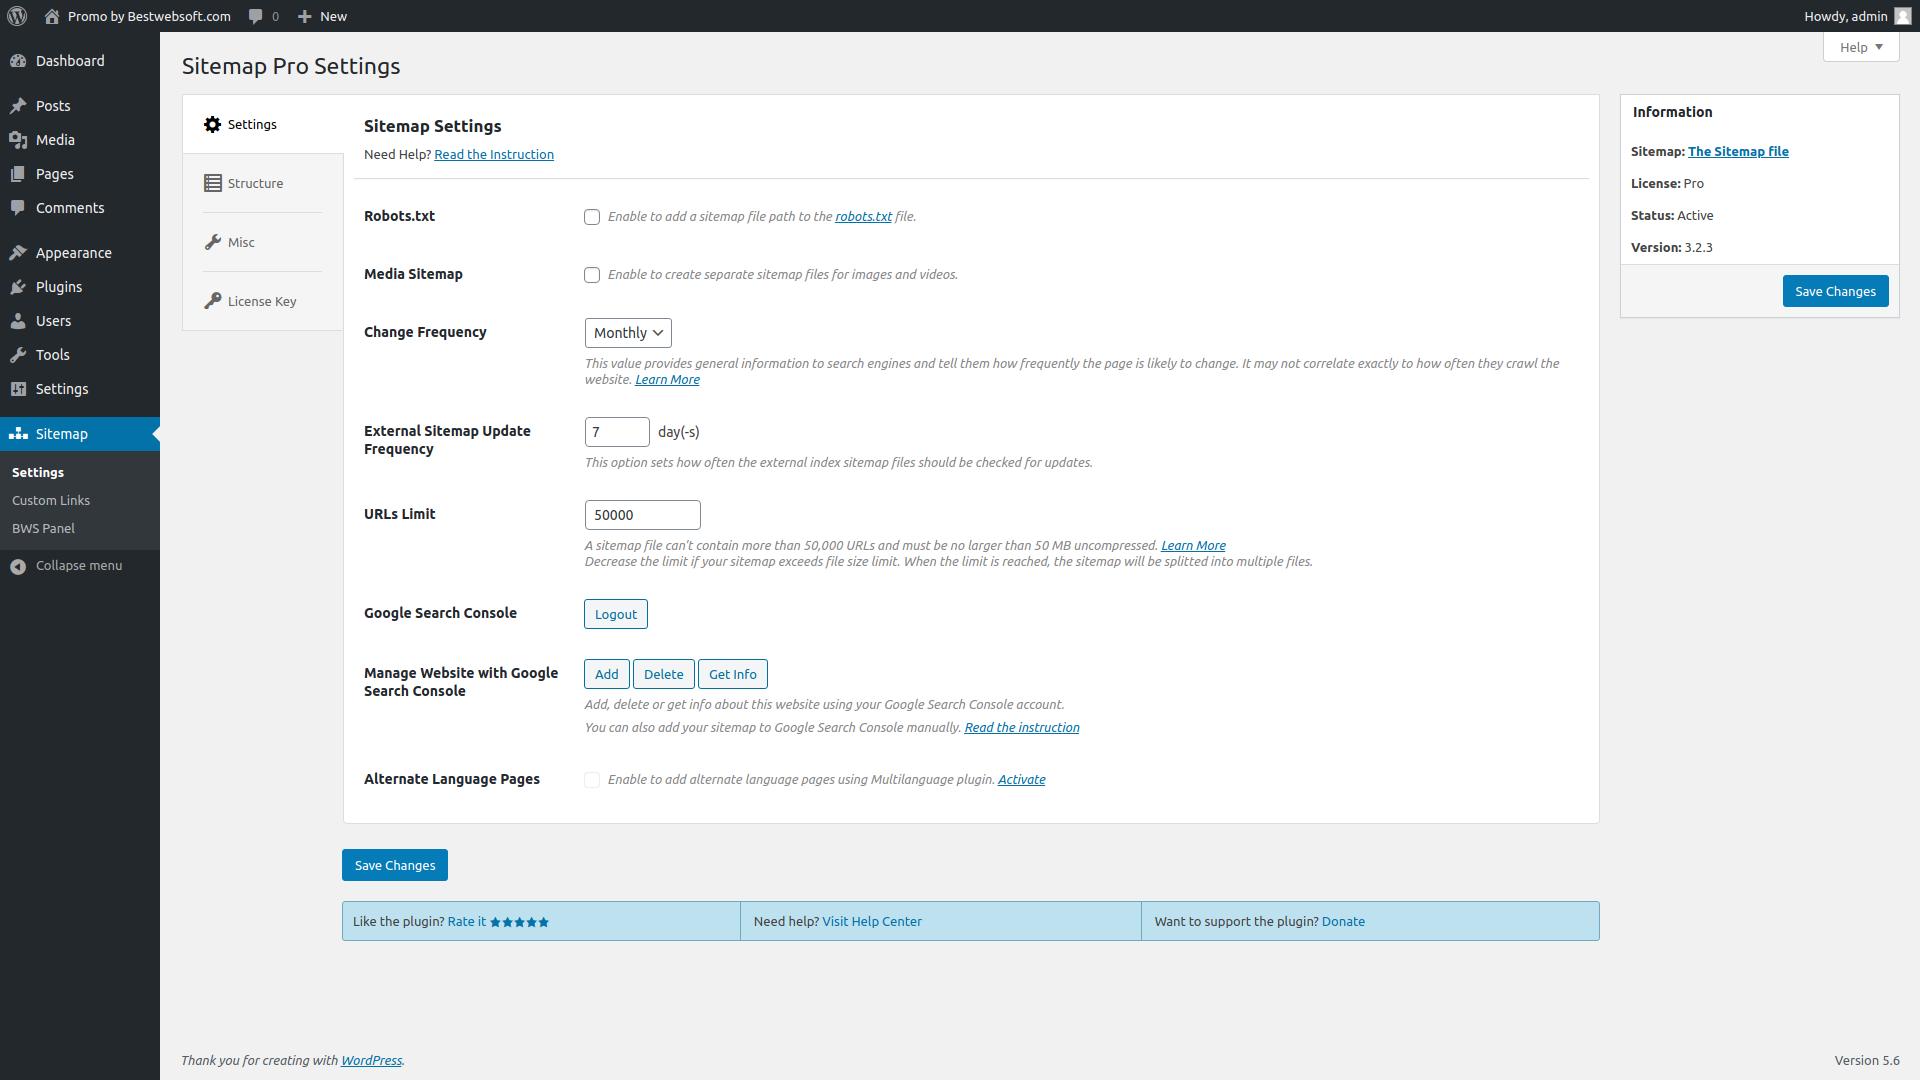 sitemap screenshot 2